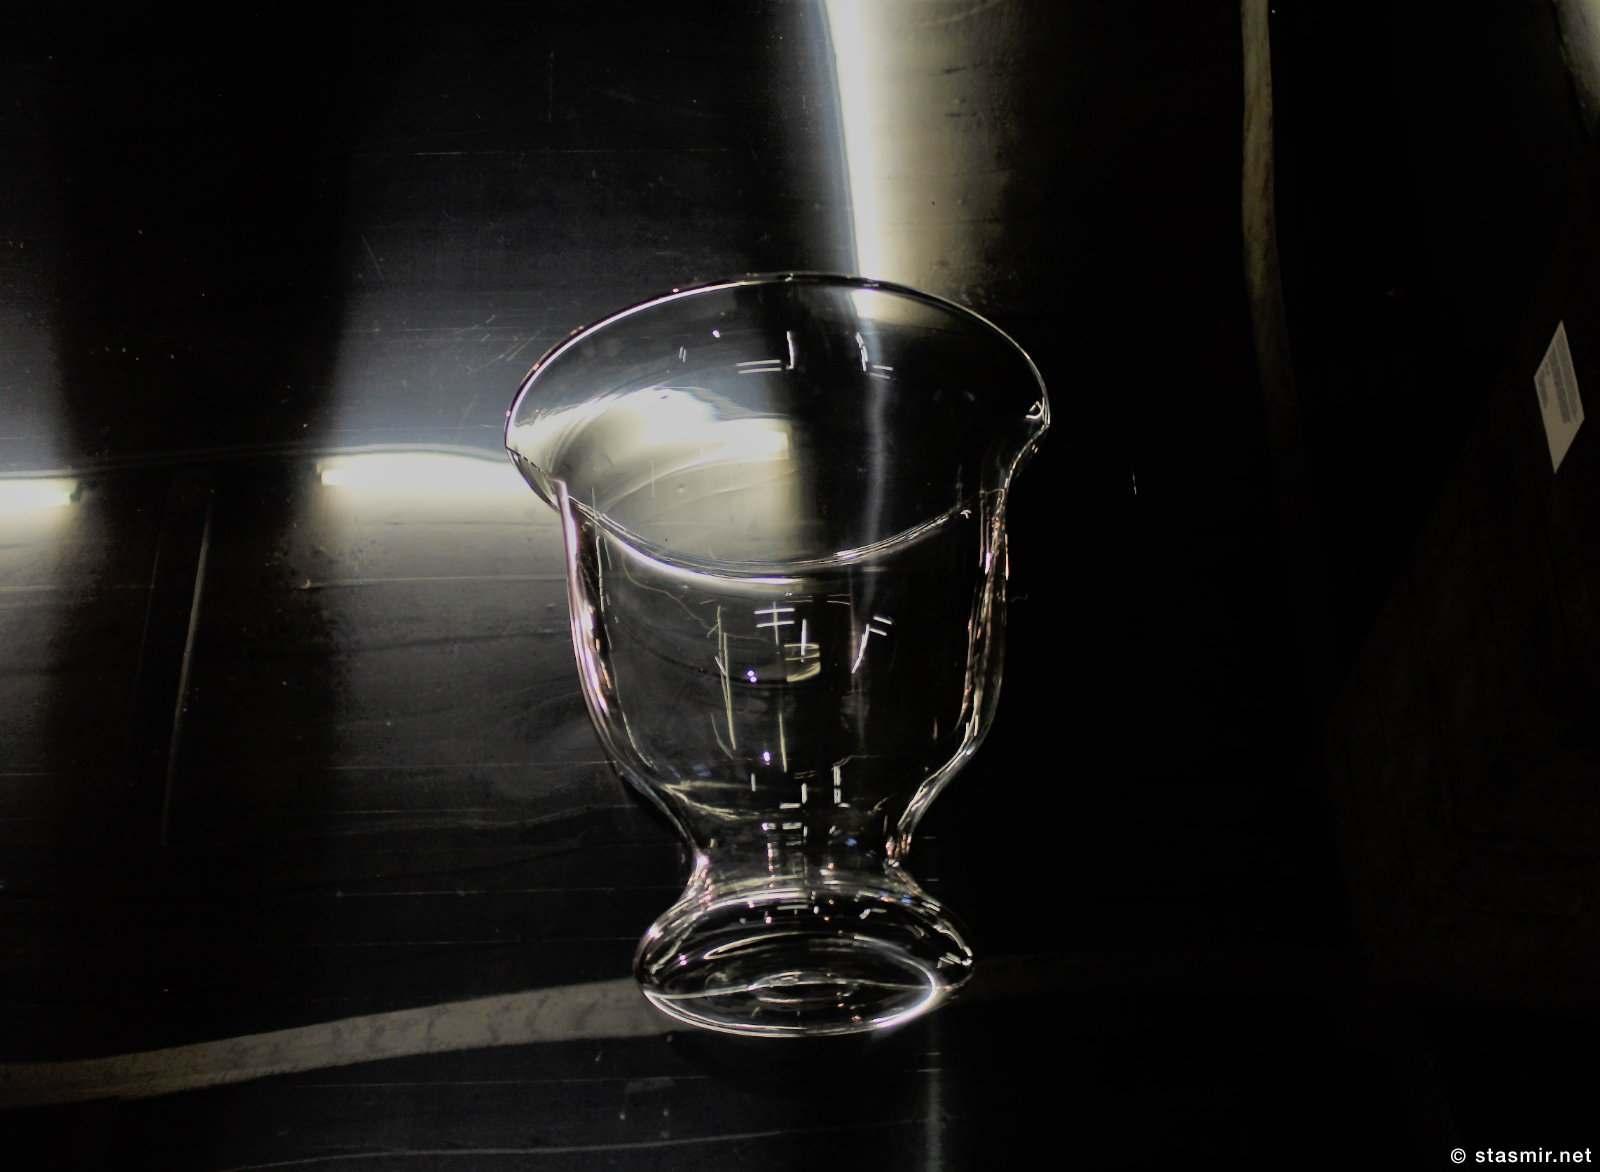 Чёрный свет с какой-то выставки в Рейкьвике, фото Стасмир, photo Stasmir